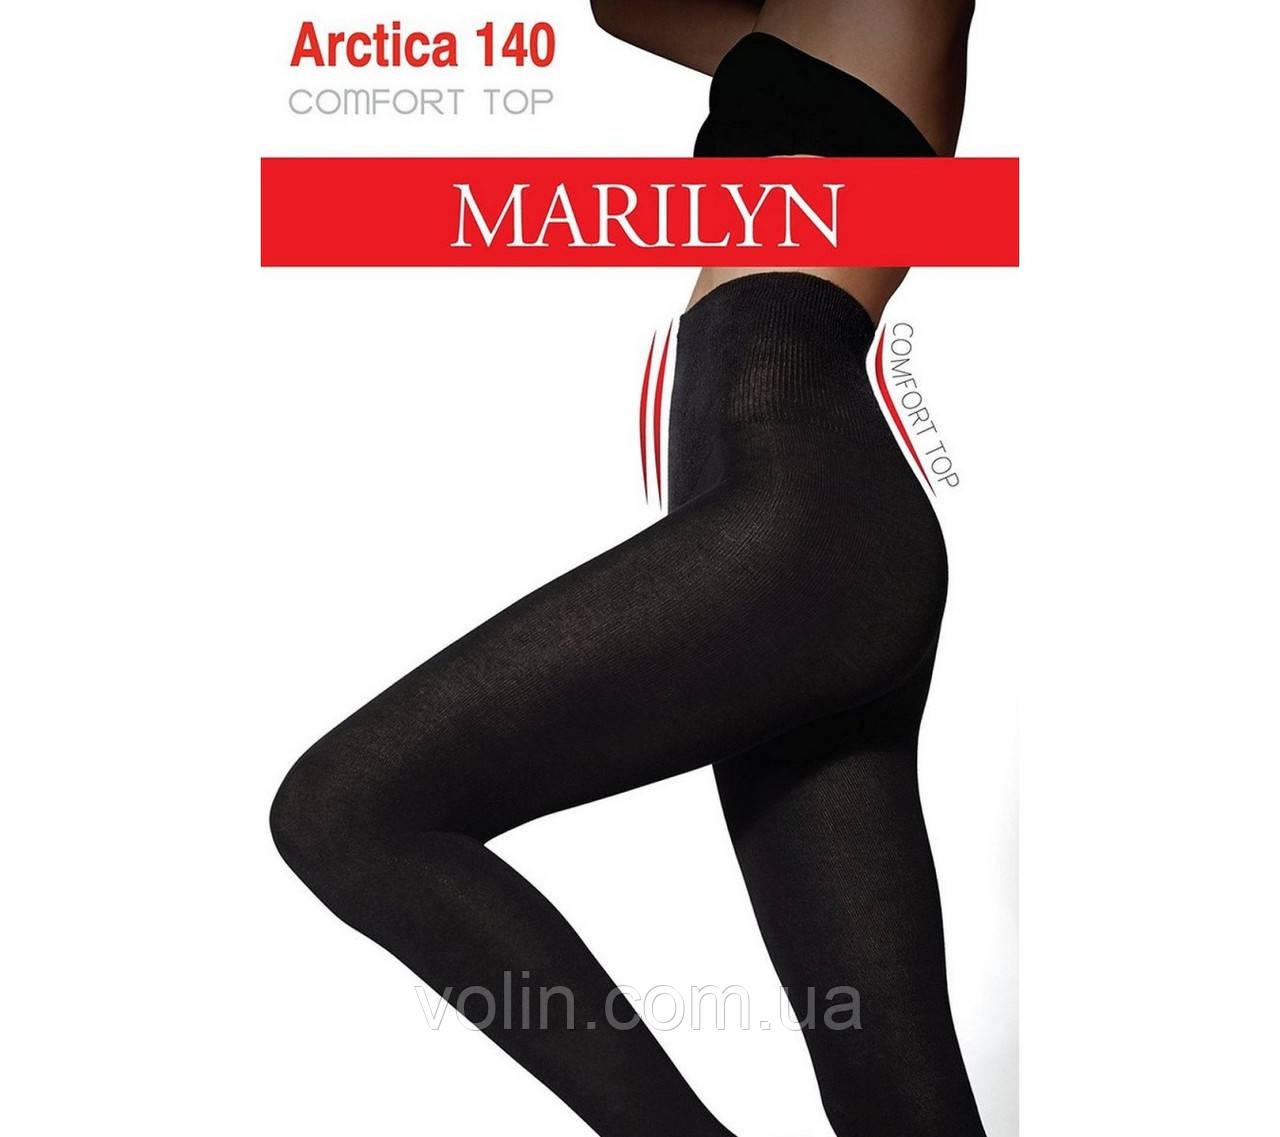 Колготки Marilyn Arctica 140 Comfort Top XL.